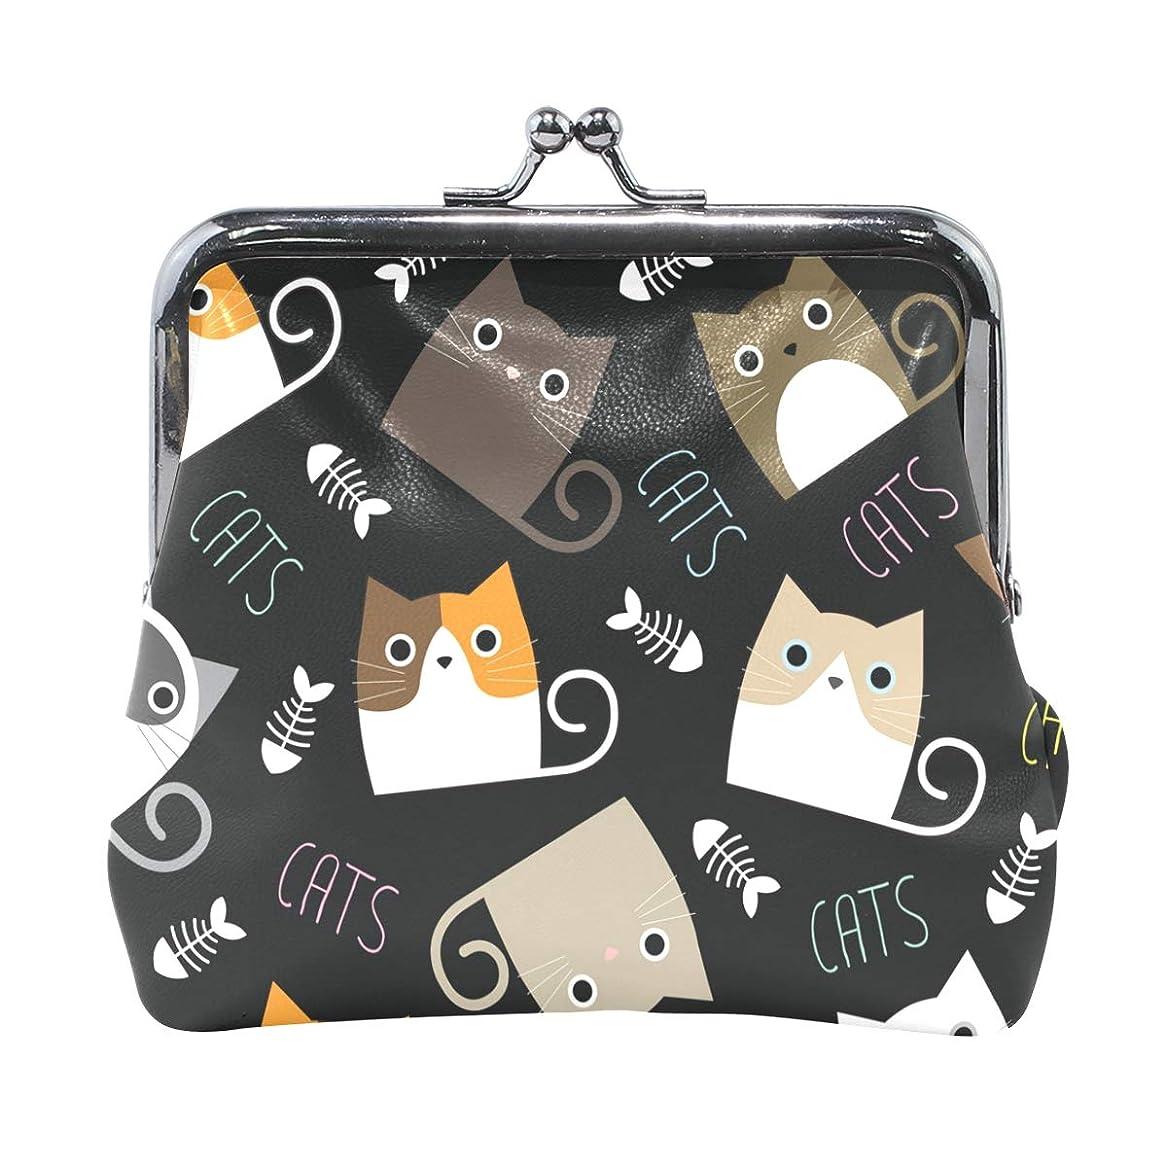 チャーター残忍な星がま口 財布 口金 小銭入れ ポーチ 猫 可愛い ANNSIN バッグ かわいい 高級レザー レディース プレゼント ほど良いサイズ